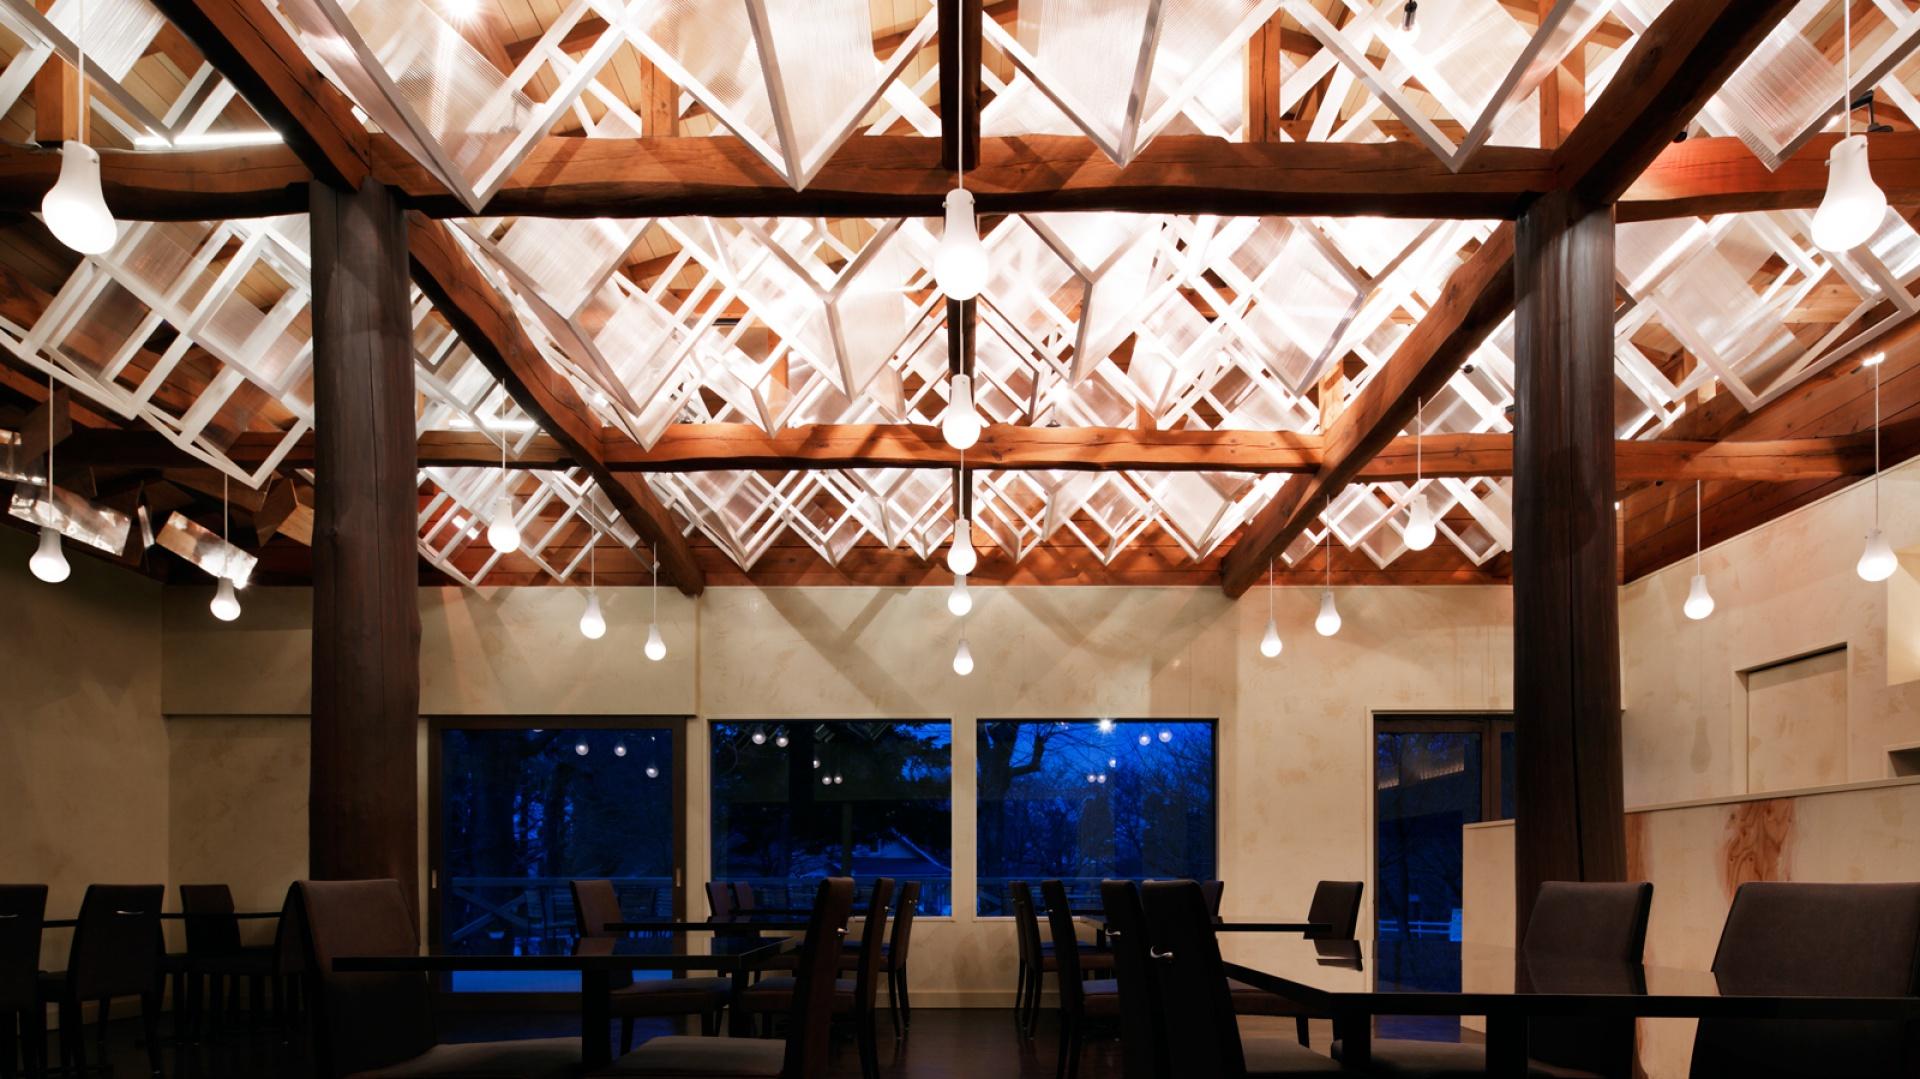 Restauracja Dream Dairy Farm została zaprojektowana przez japońskiego architekta, Moriyuki Ochiai. Fot.  Atsushi Ishida